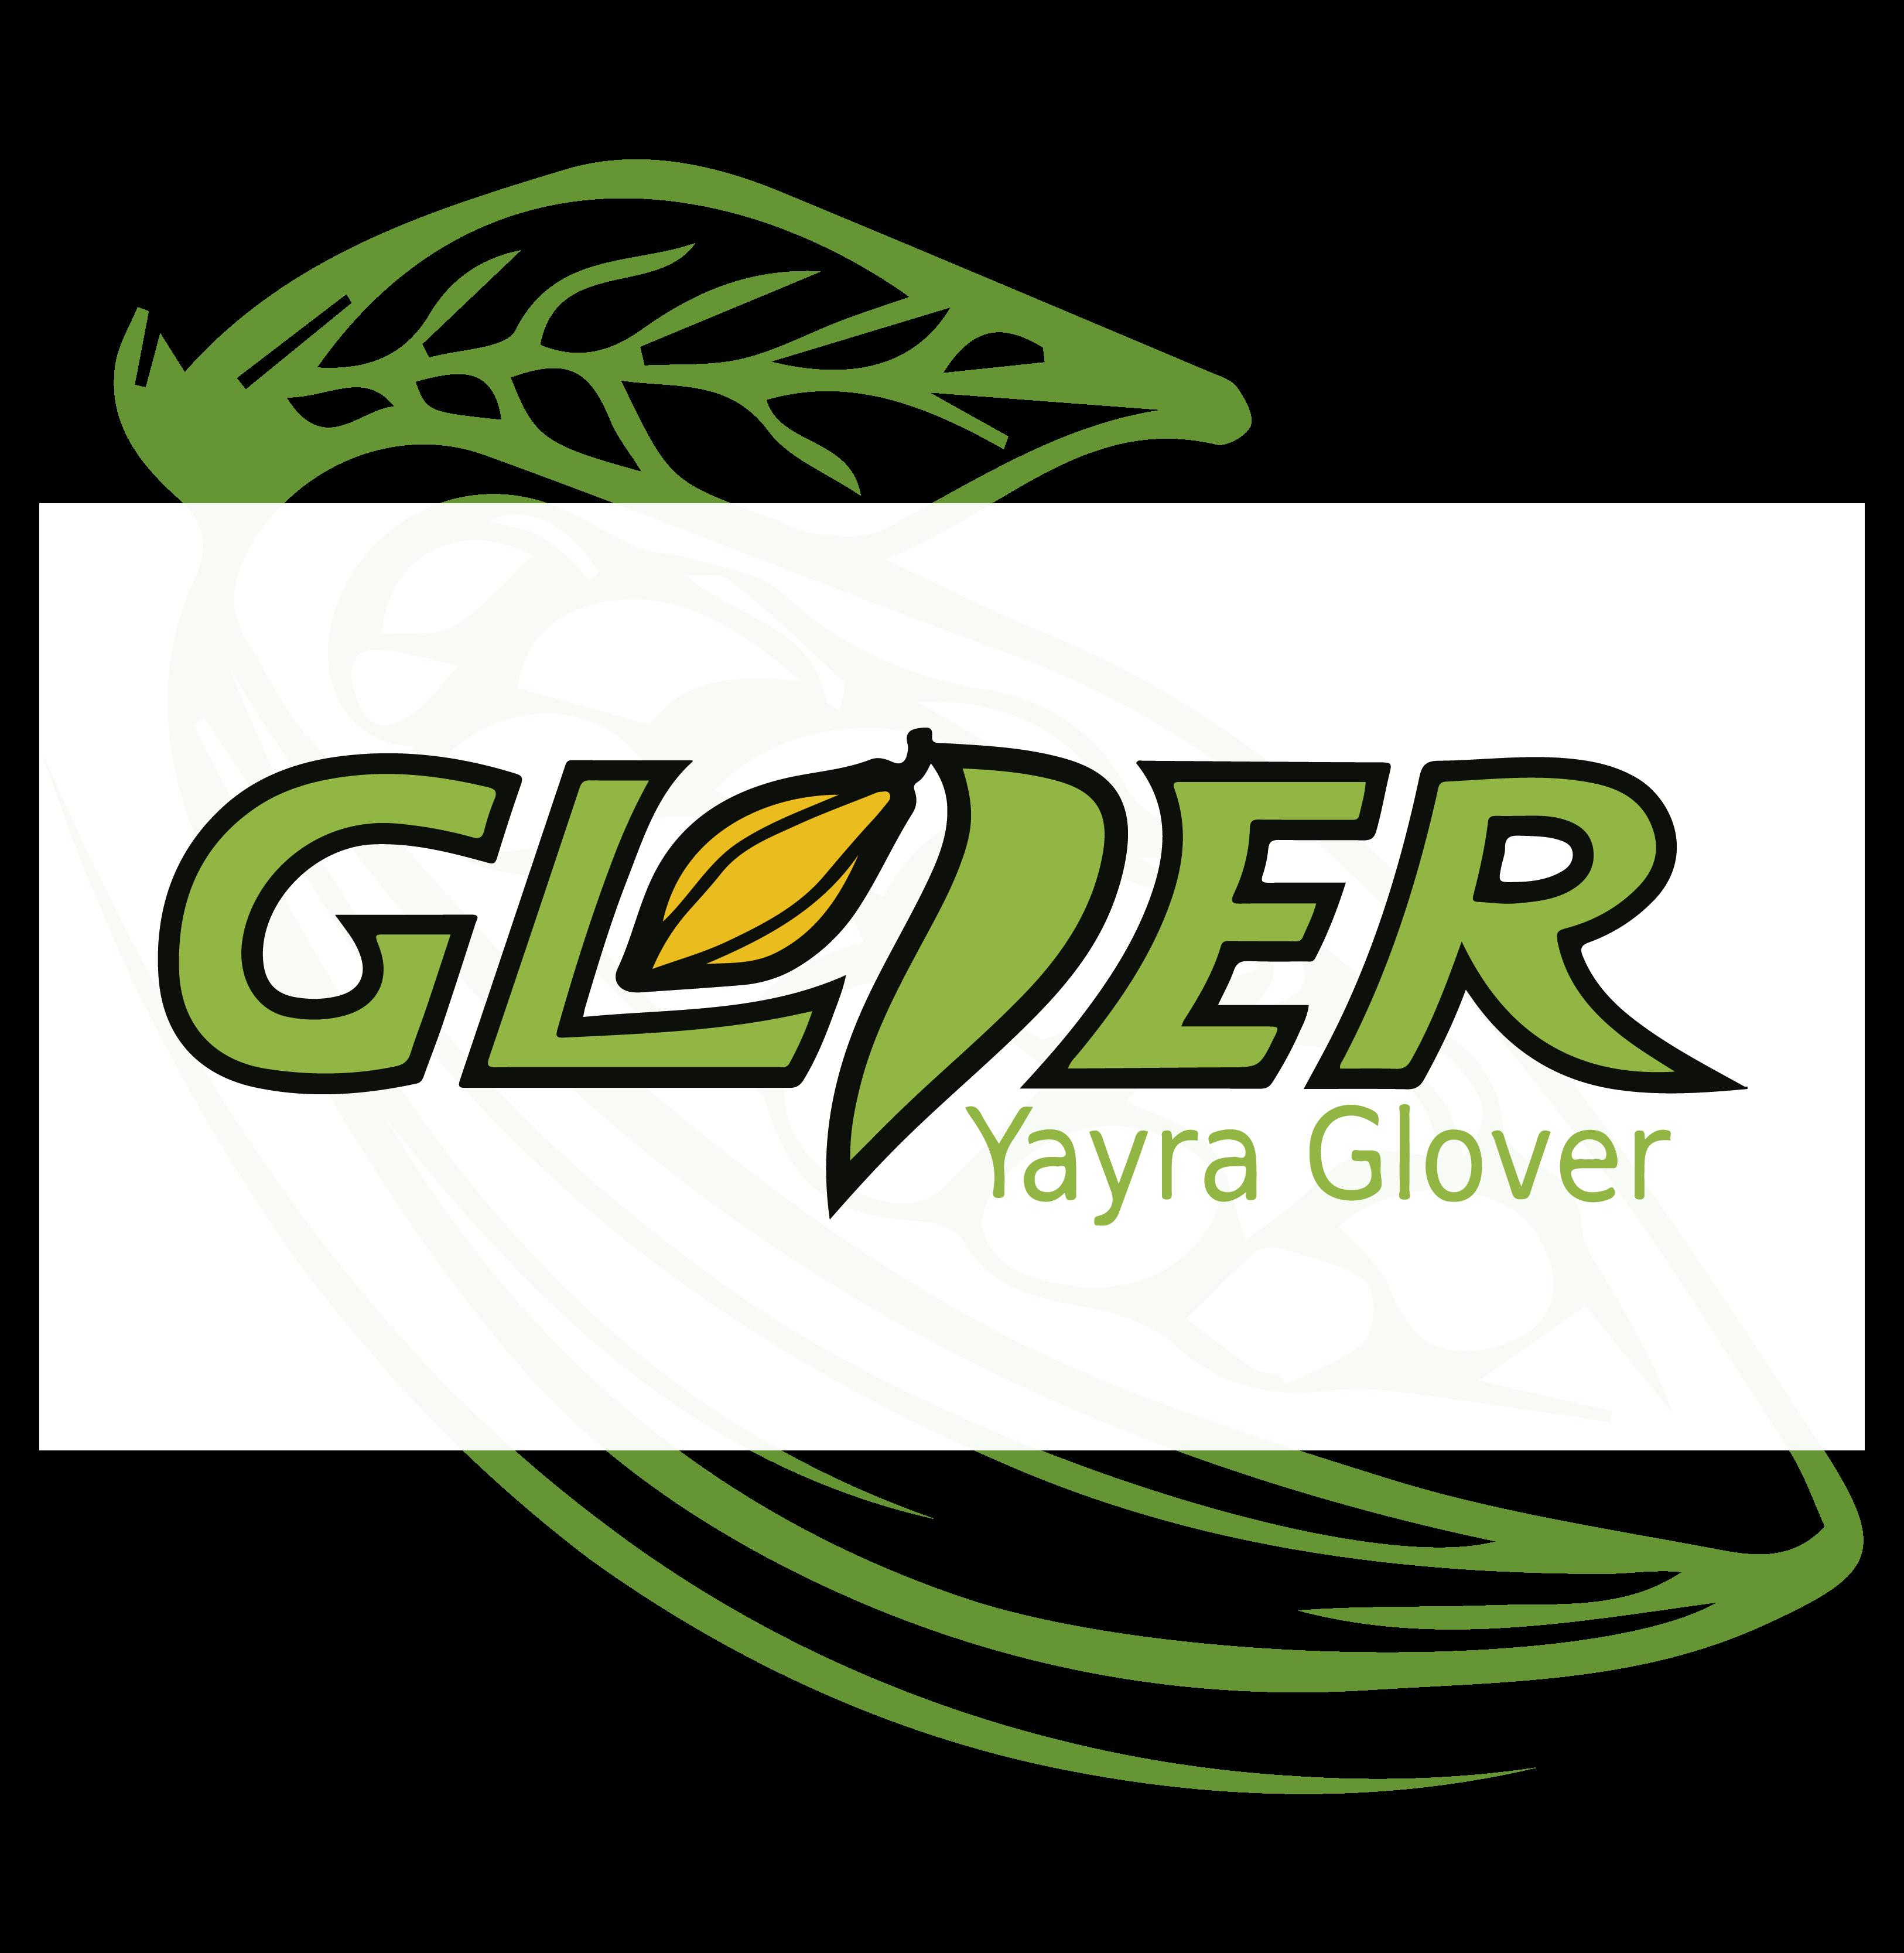 yayra_glover-19